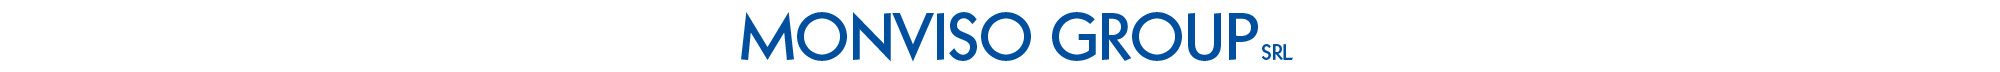 logo-monviso-group03-2020